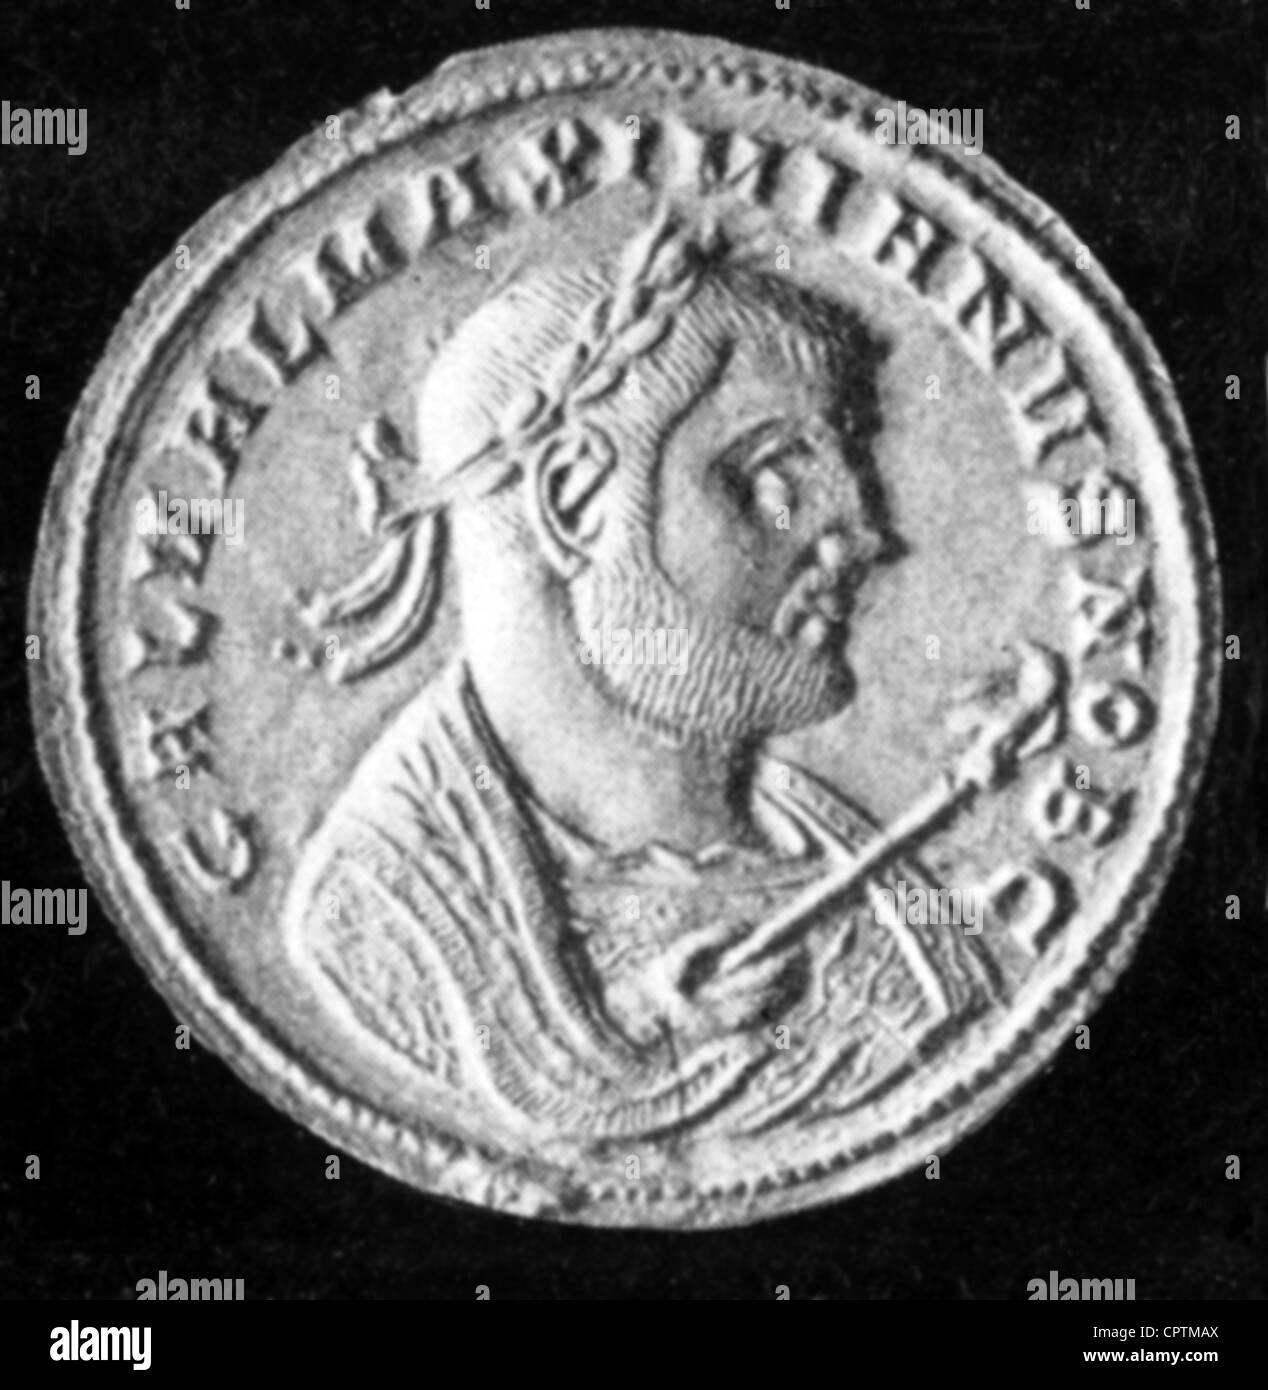 Galba, Servius Sulpicius, 24.12.3 BC - 15.1.69 AD, Roman Emperor 3.4.68 - 15.1.69, portrait, coin, Romans, Roman - Stock Image